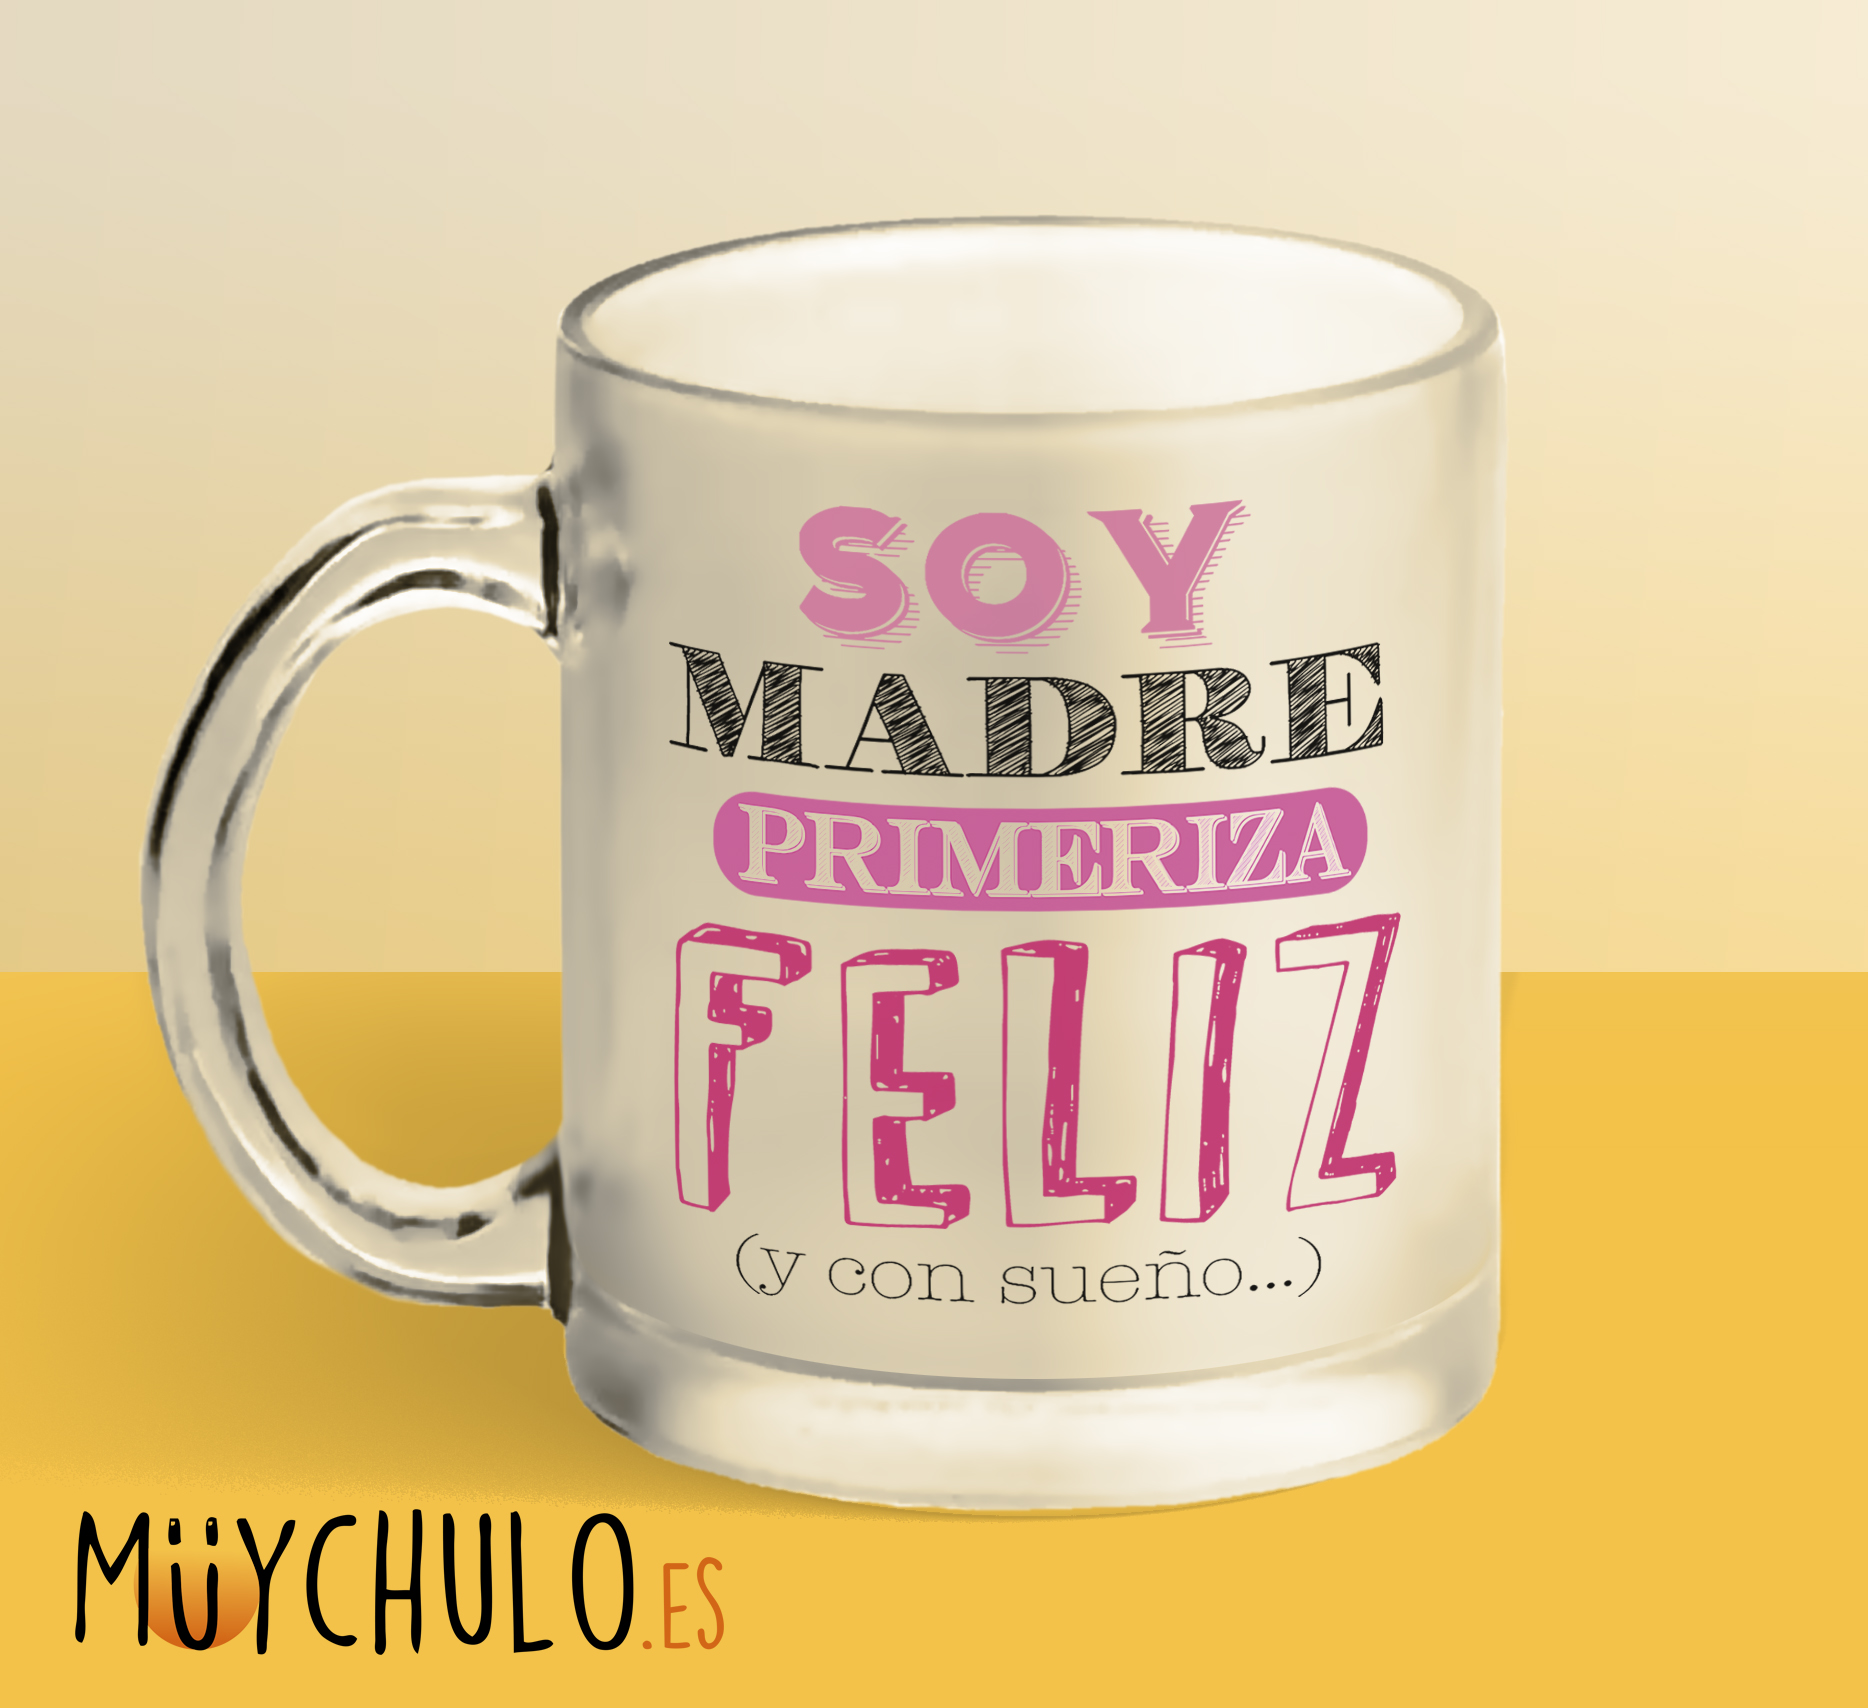 Regalos Originales Mama Primeriza.Taza Soy Madre Primeriza Feliz Y Con Sueno